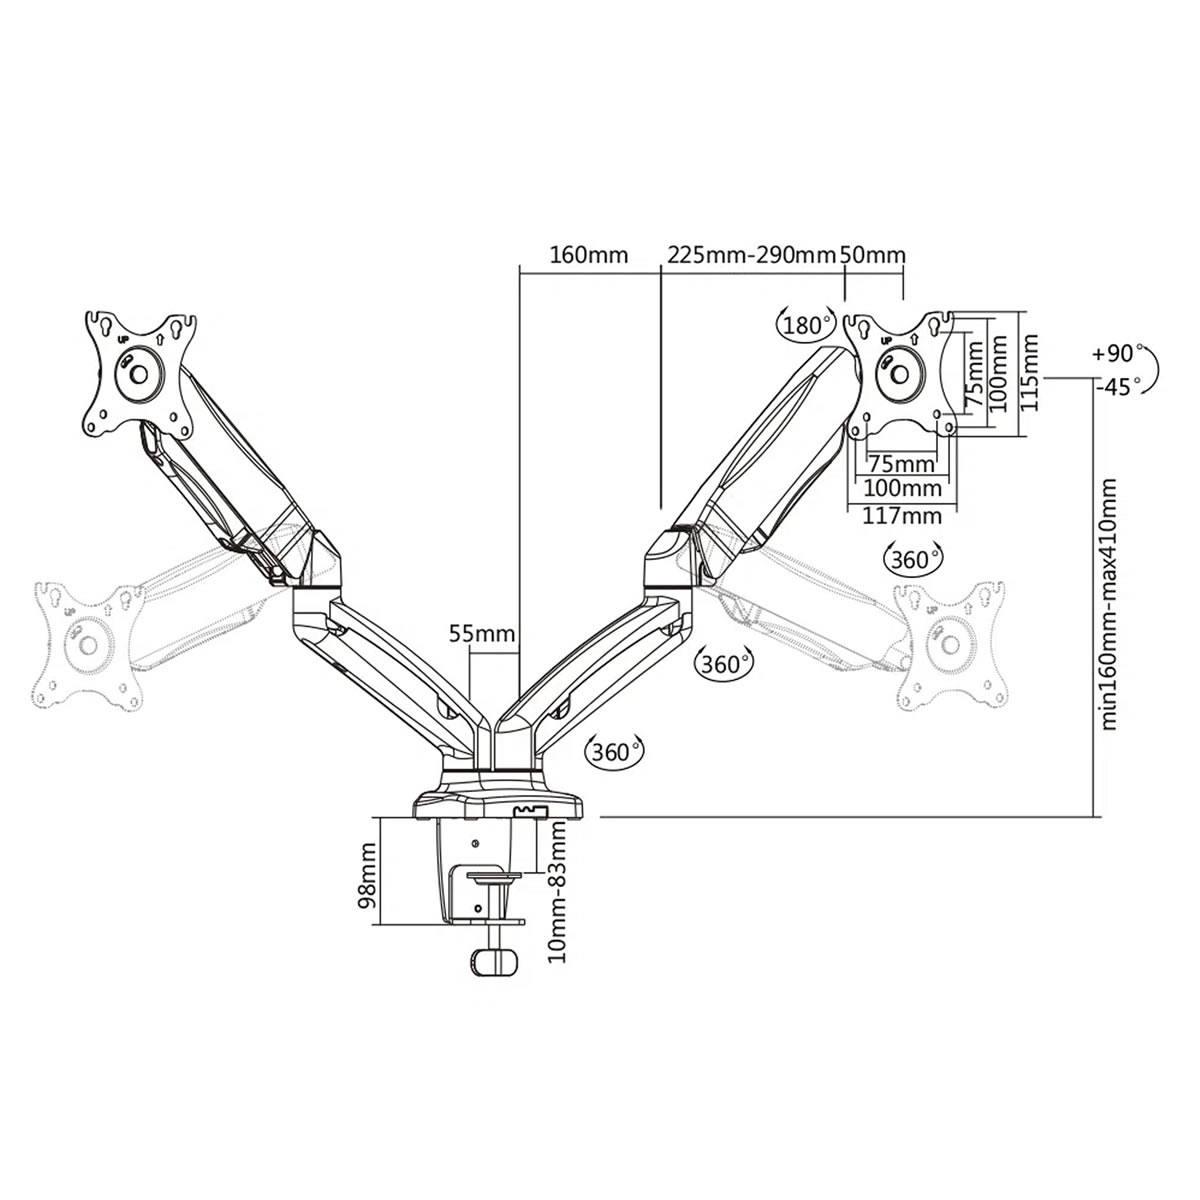 """Suporte Articulado de Mesa com Pistão a Gás e Ajuste de Altura para 2 Monitores de 17"""" a 27"""" ELG F160N"""